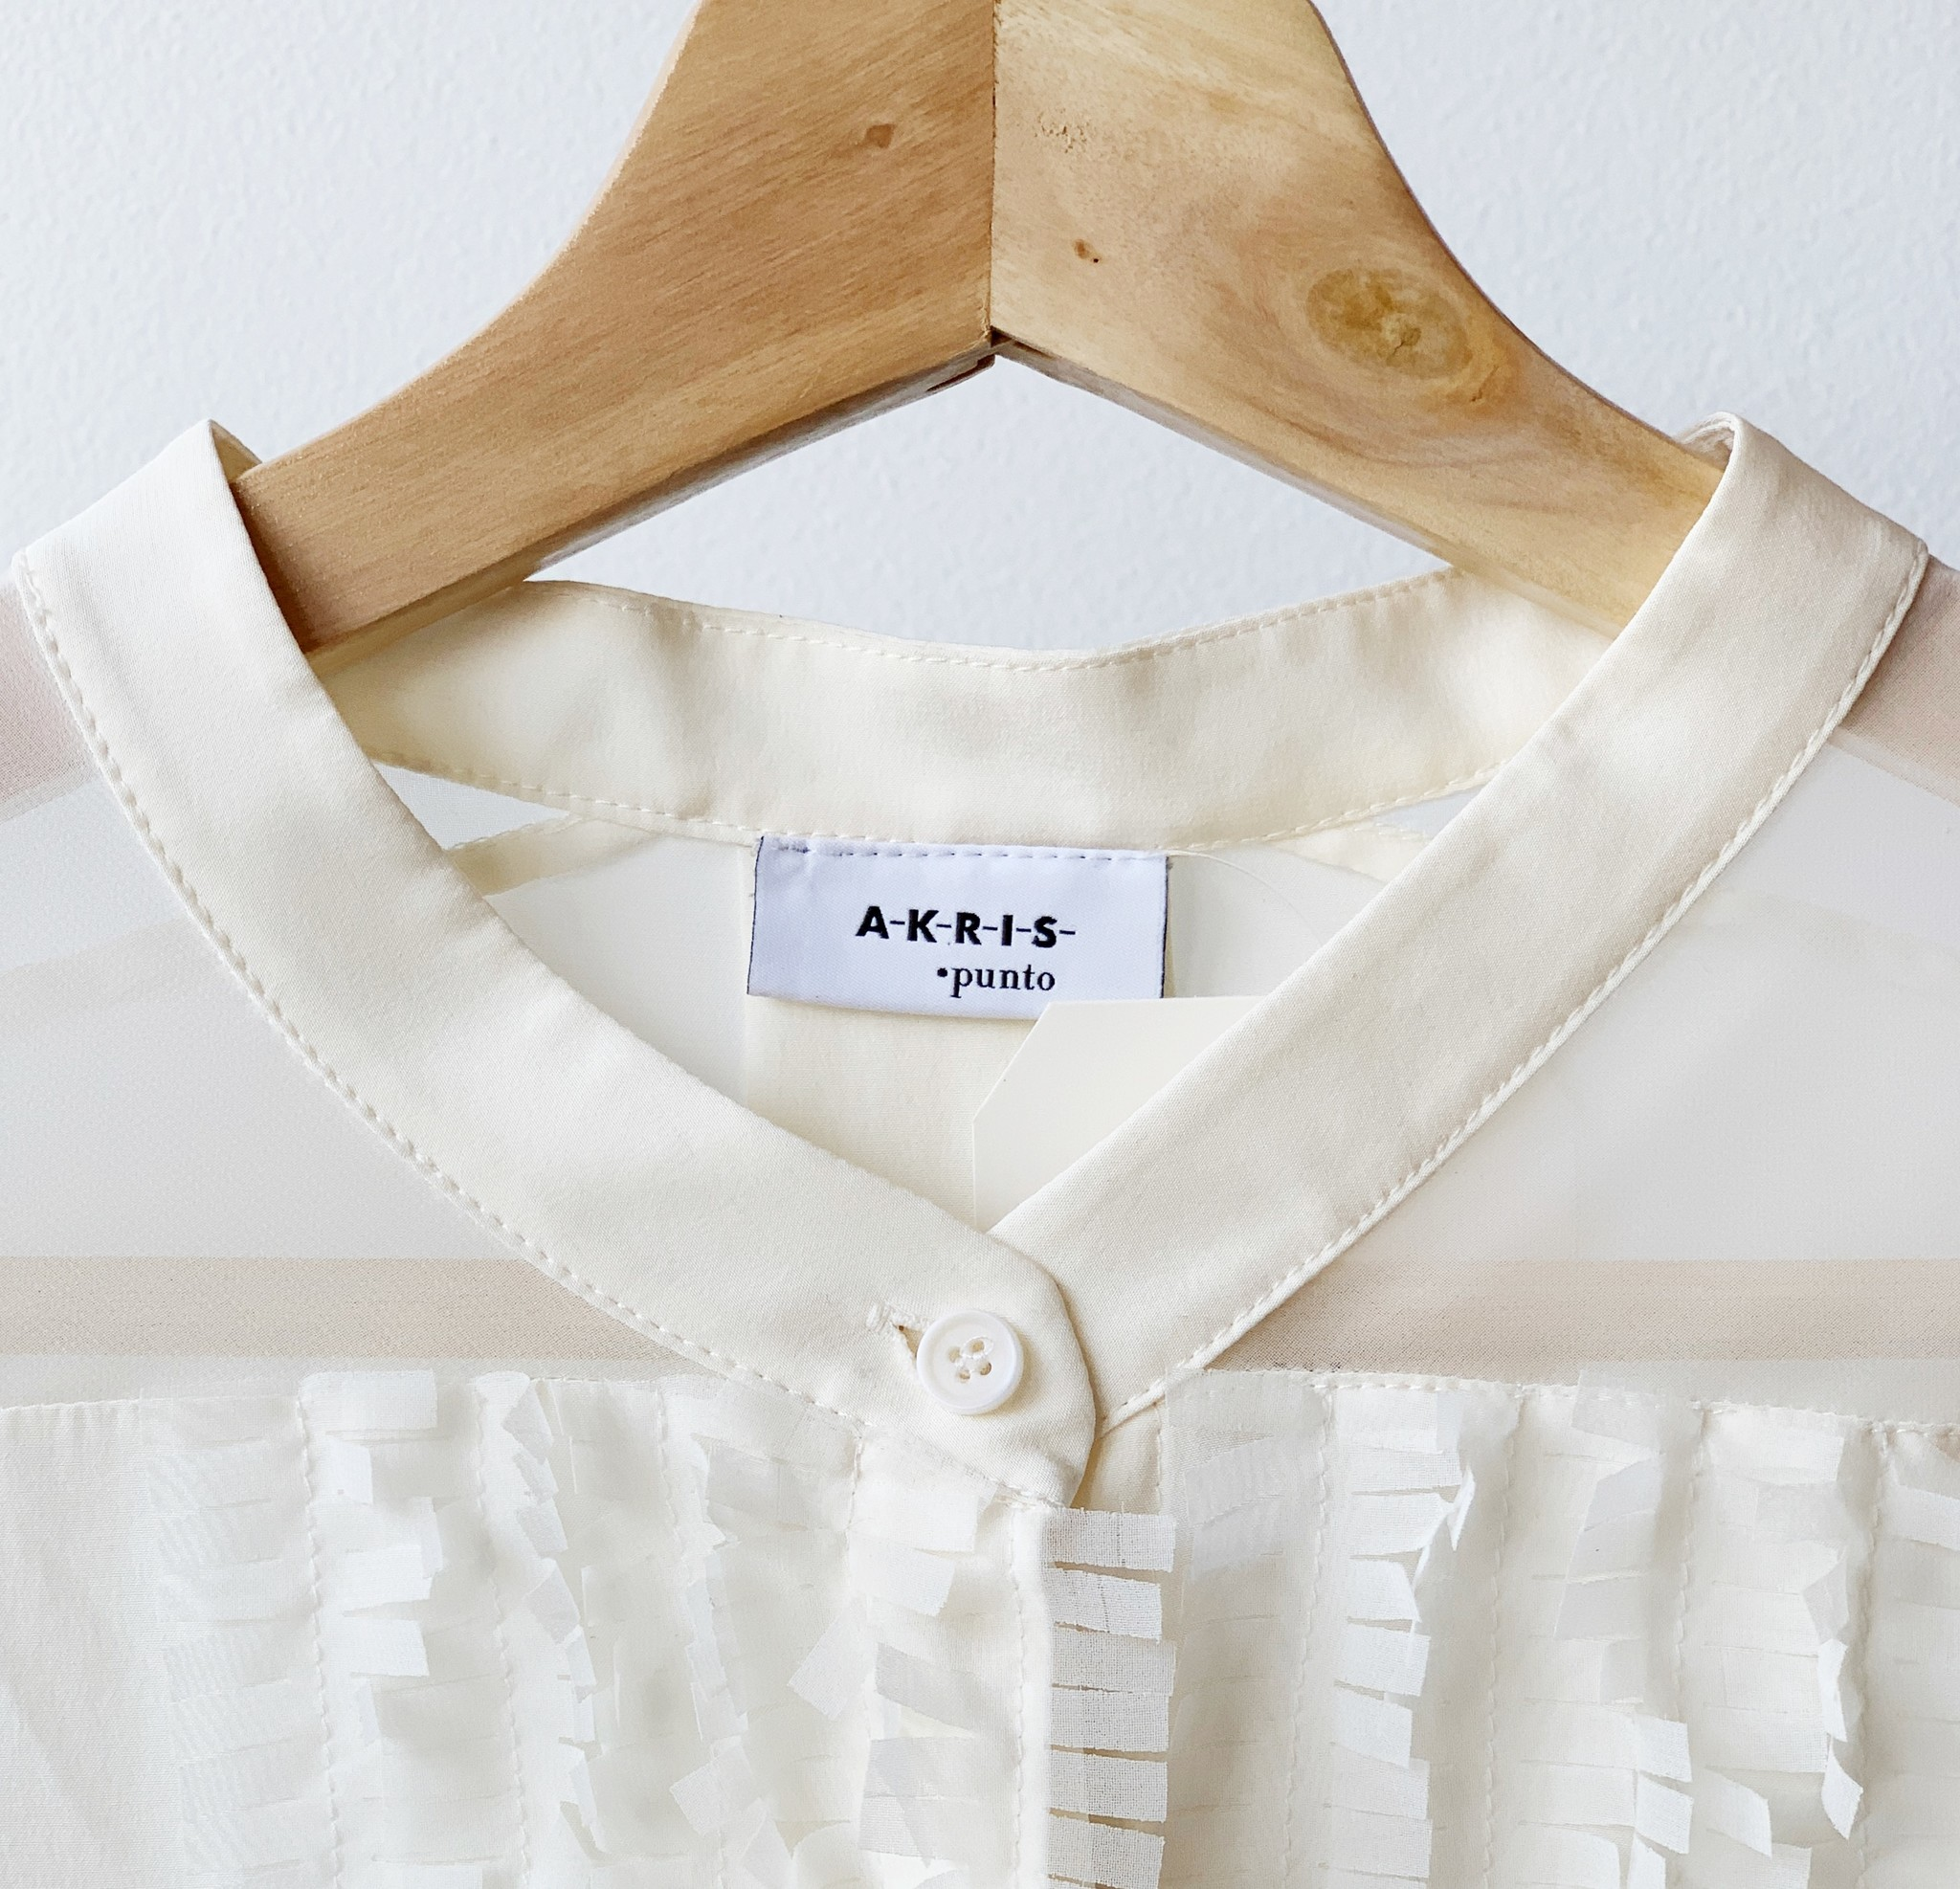 Tailles 8 et plus: une collection de nouveautés signées Akris, Éditions de robes, DVF...